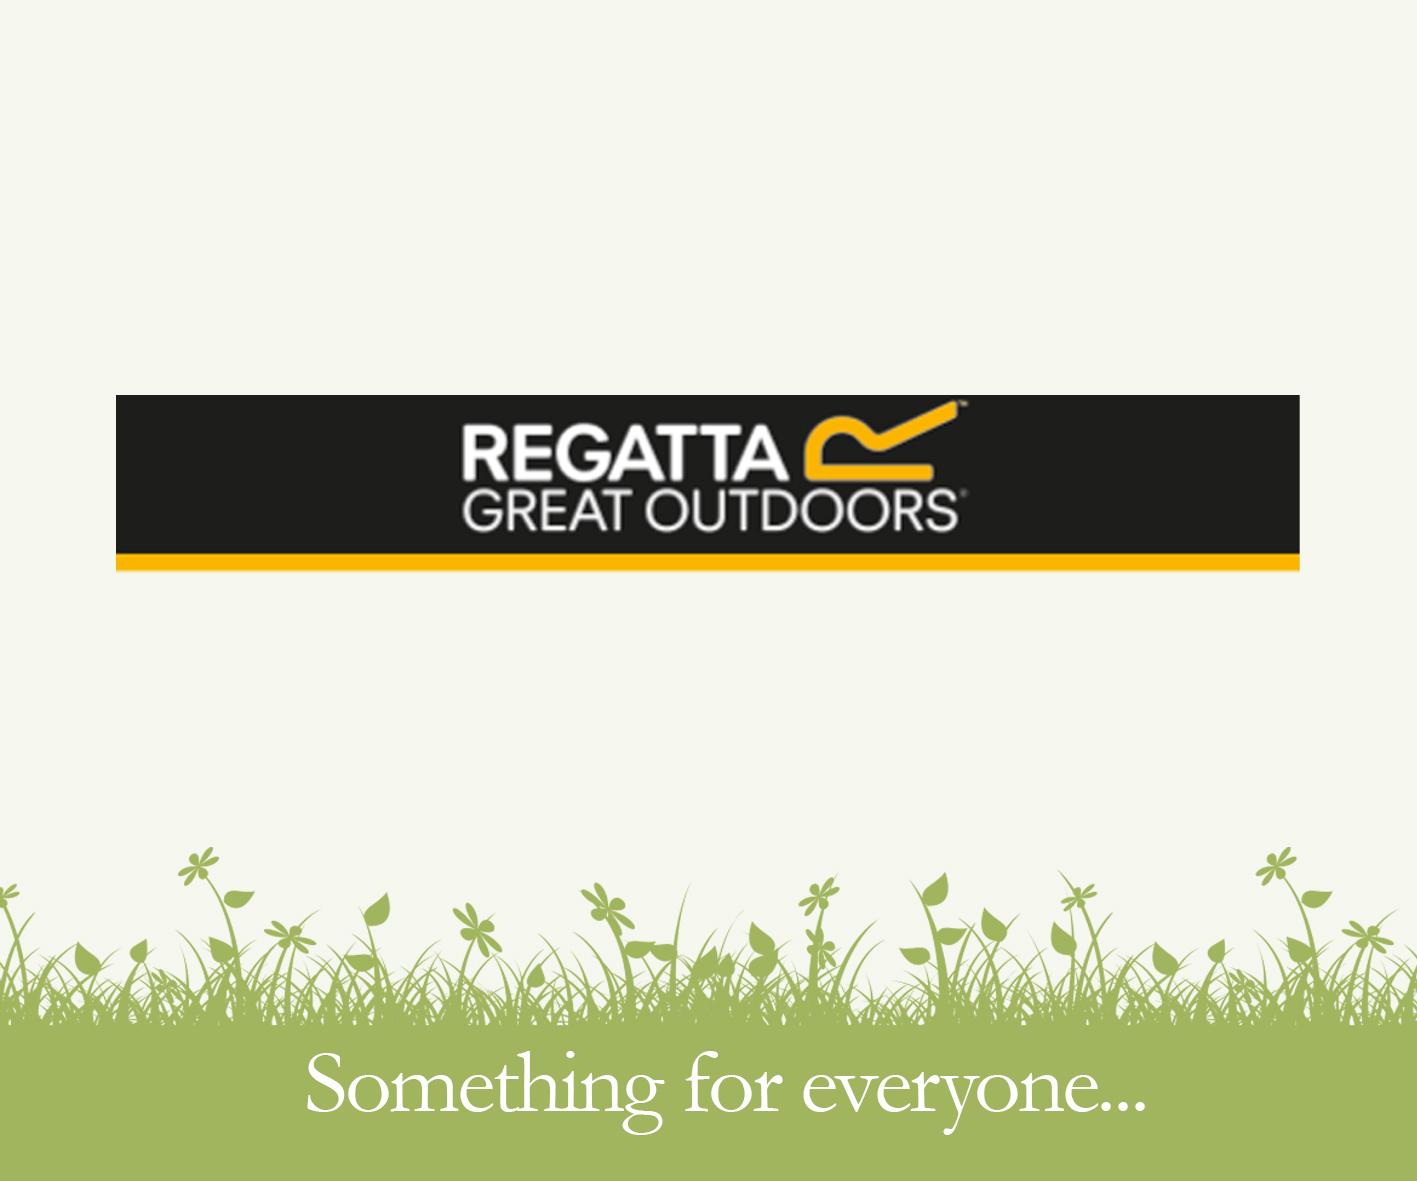 Regatta at Louth Garden Centre